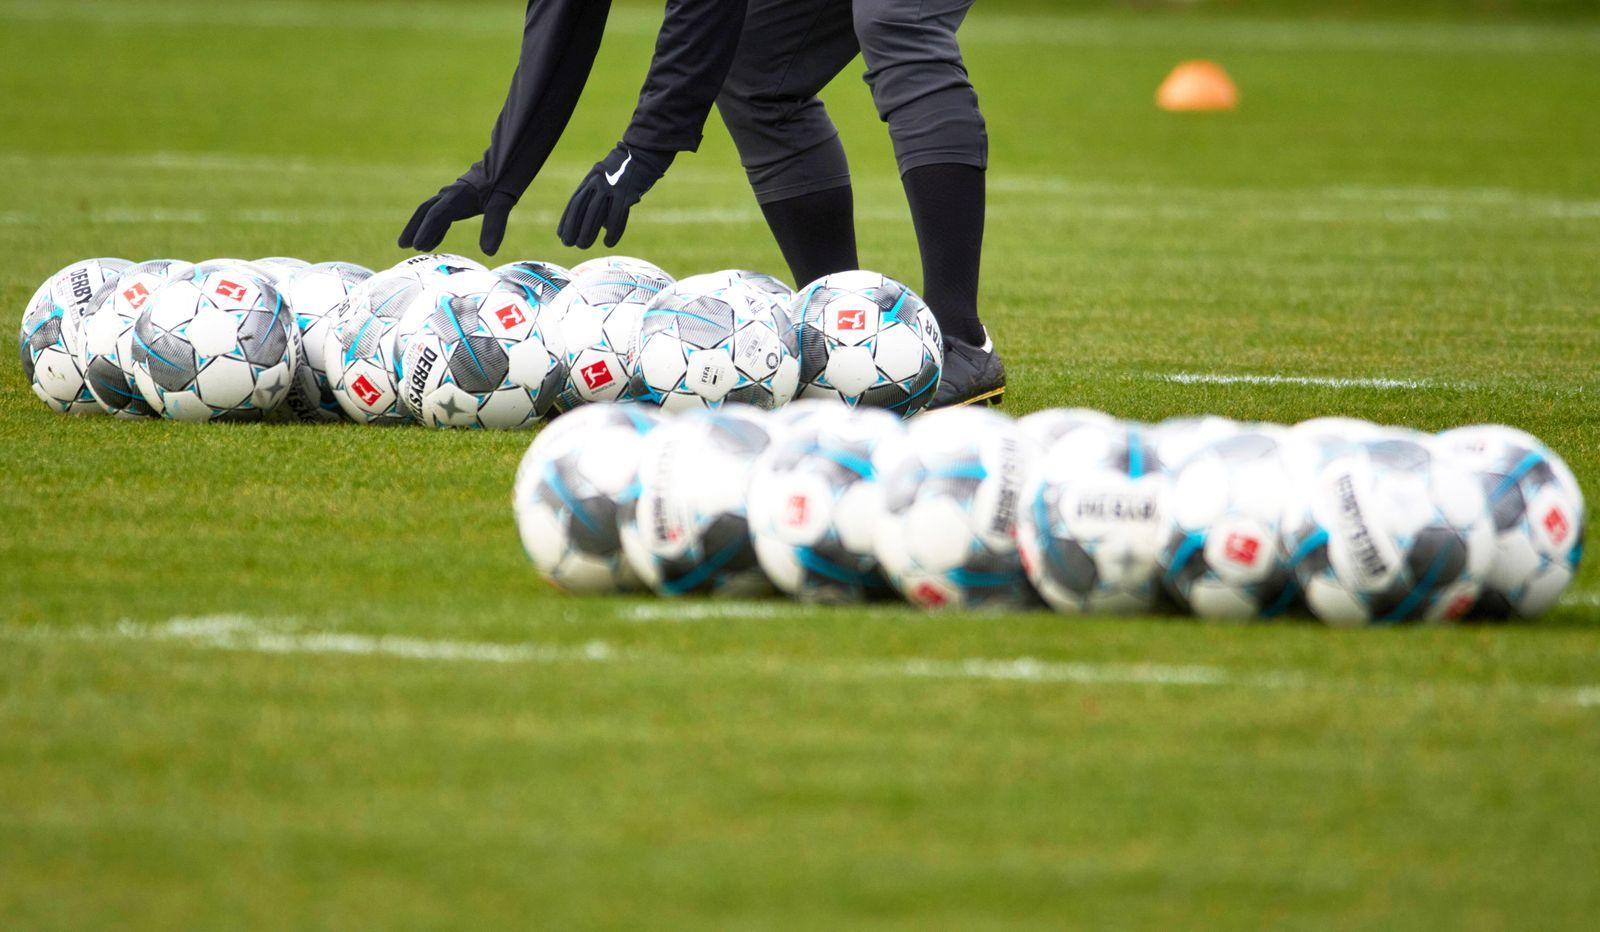 sehr viele Fu?b?lle liegen auf dem Trainingsplatz bereit, ein Trainer z?hlt nach, ob alle da sind. FC Augsburg, Training